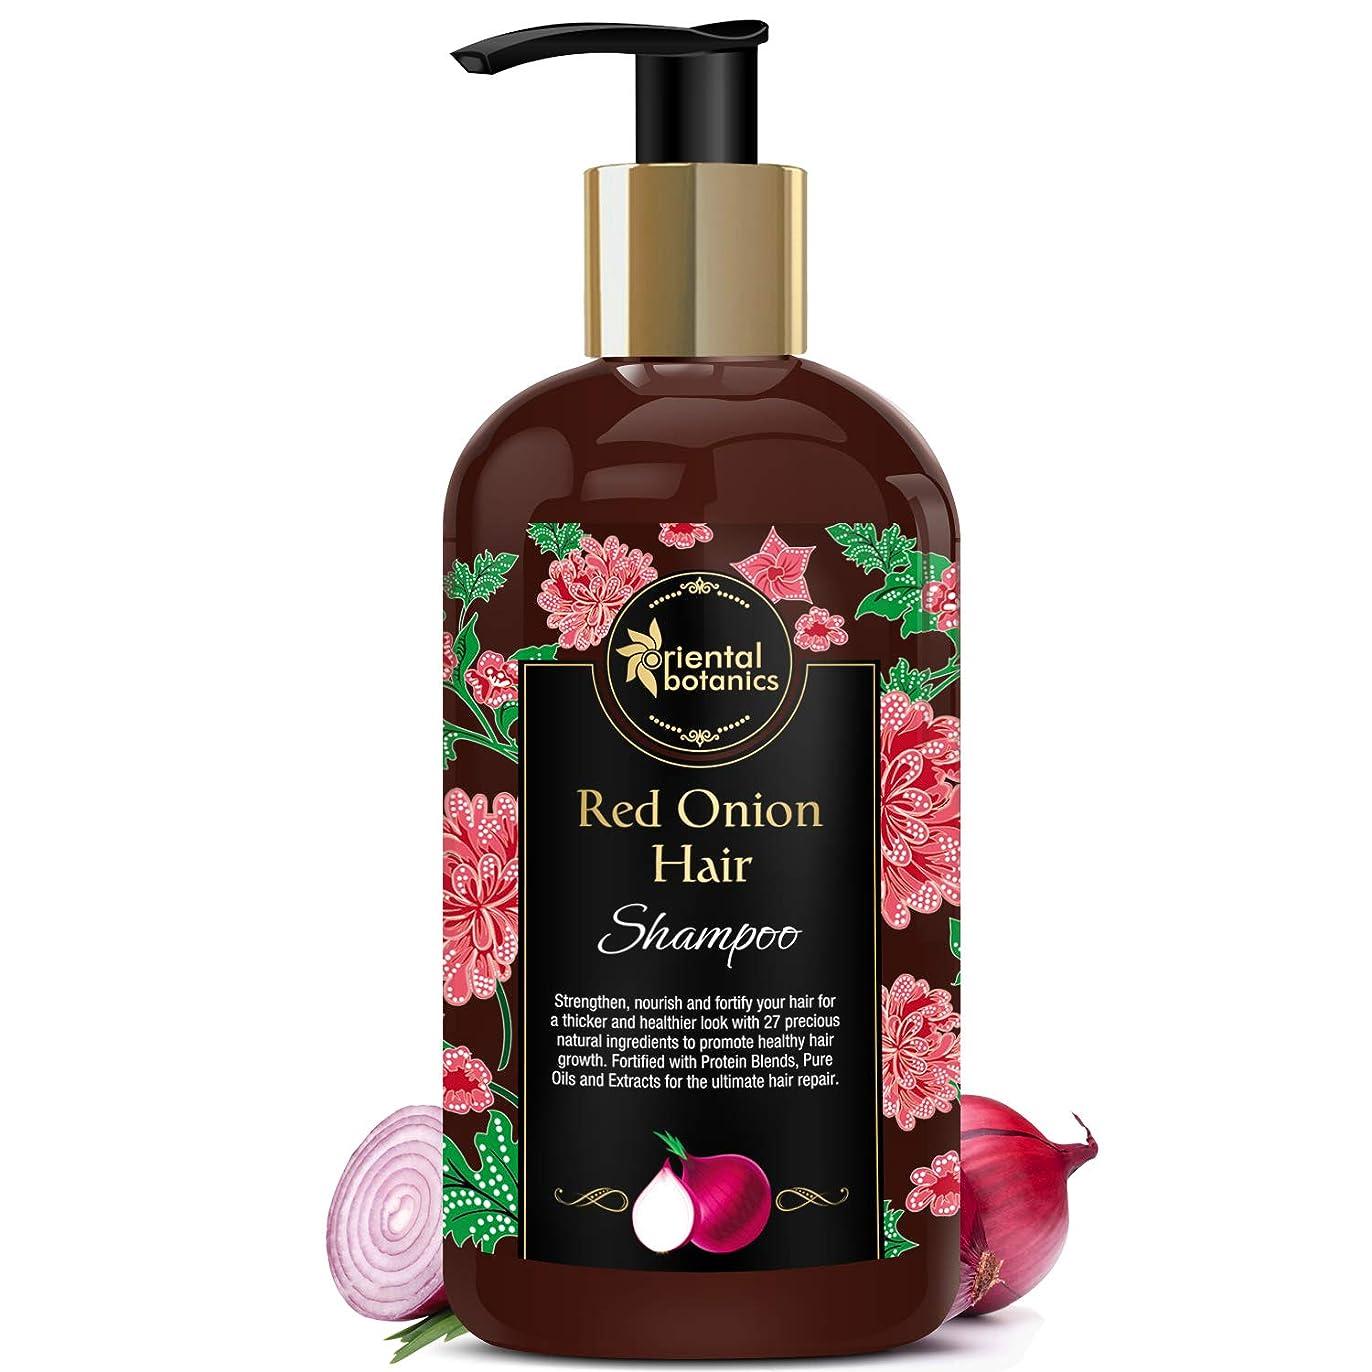 サンドイッチスライスパラメータOriental Botanics Red Onion Hair Growth Shampoo, 300ml - With 27 Hair Boosters Controls Hair Loss & Promotes Healthy Hair Growth